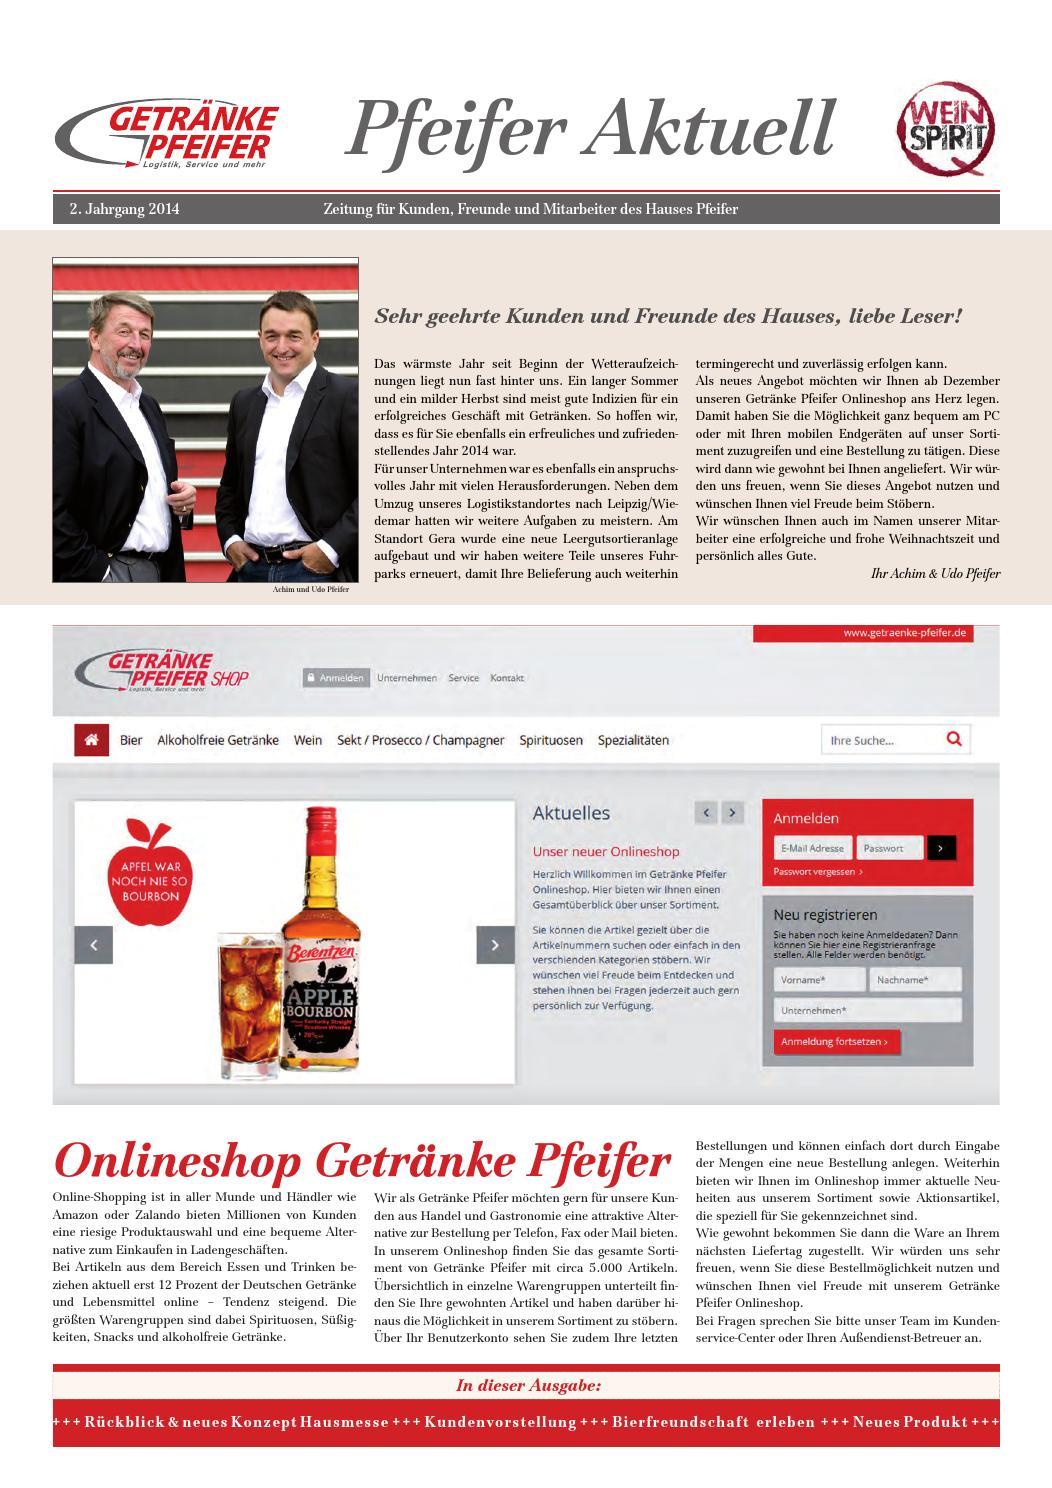 Getränke Pfeifer aktuell 2/14 by Getränke Pfeifer GmbH - issuu